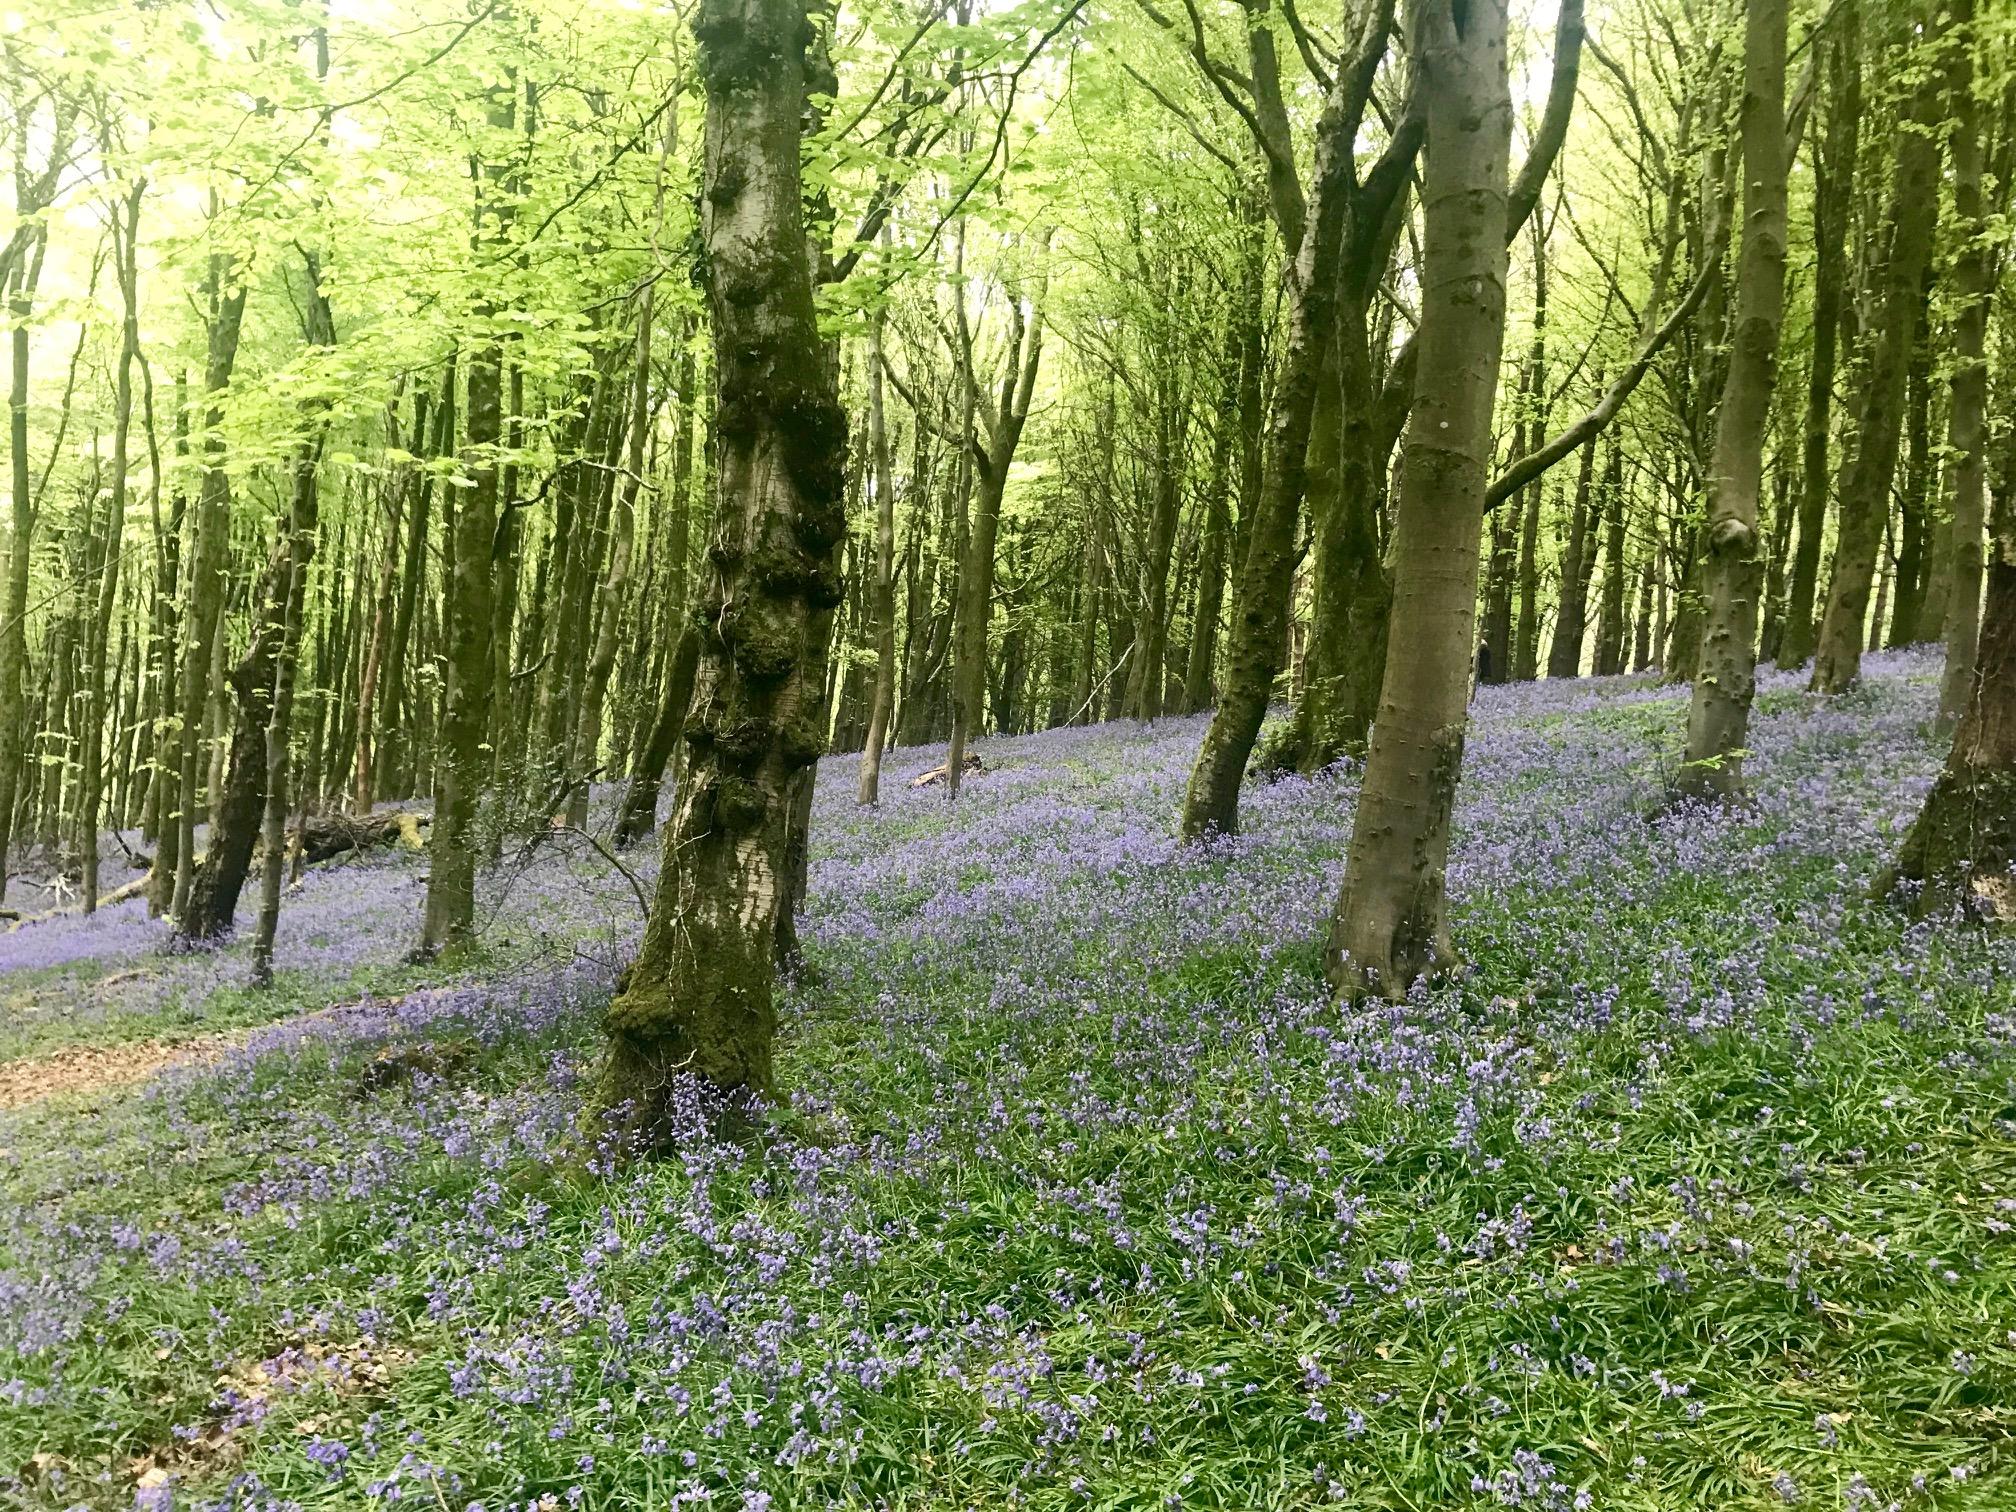 Bluebells at Coed y Wenallt Cardiff